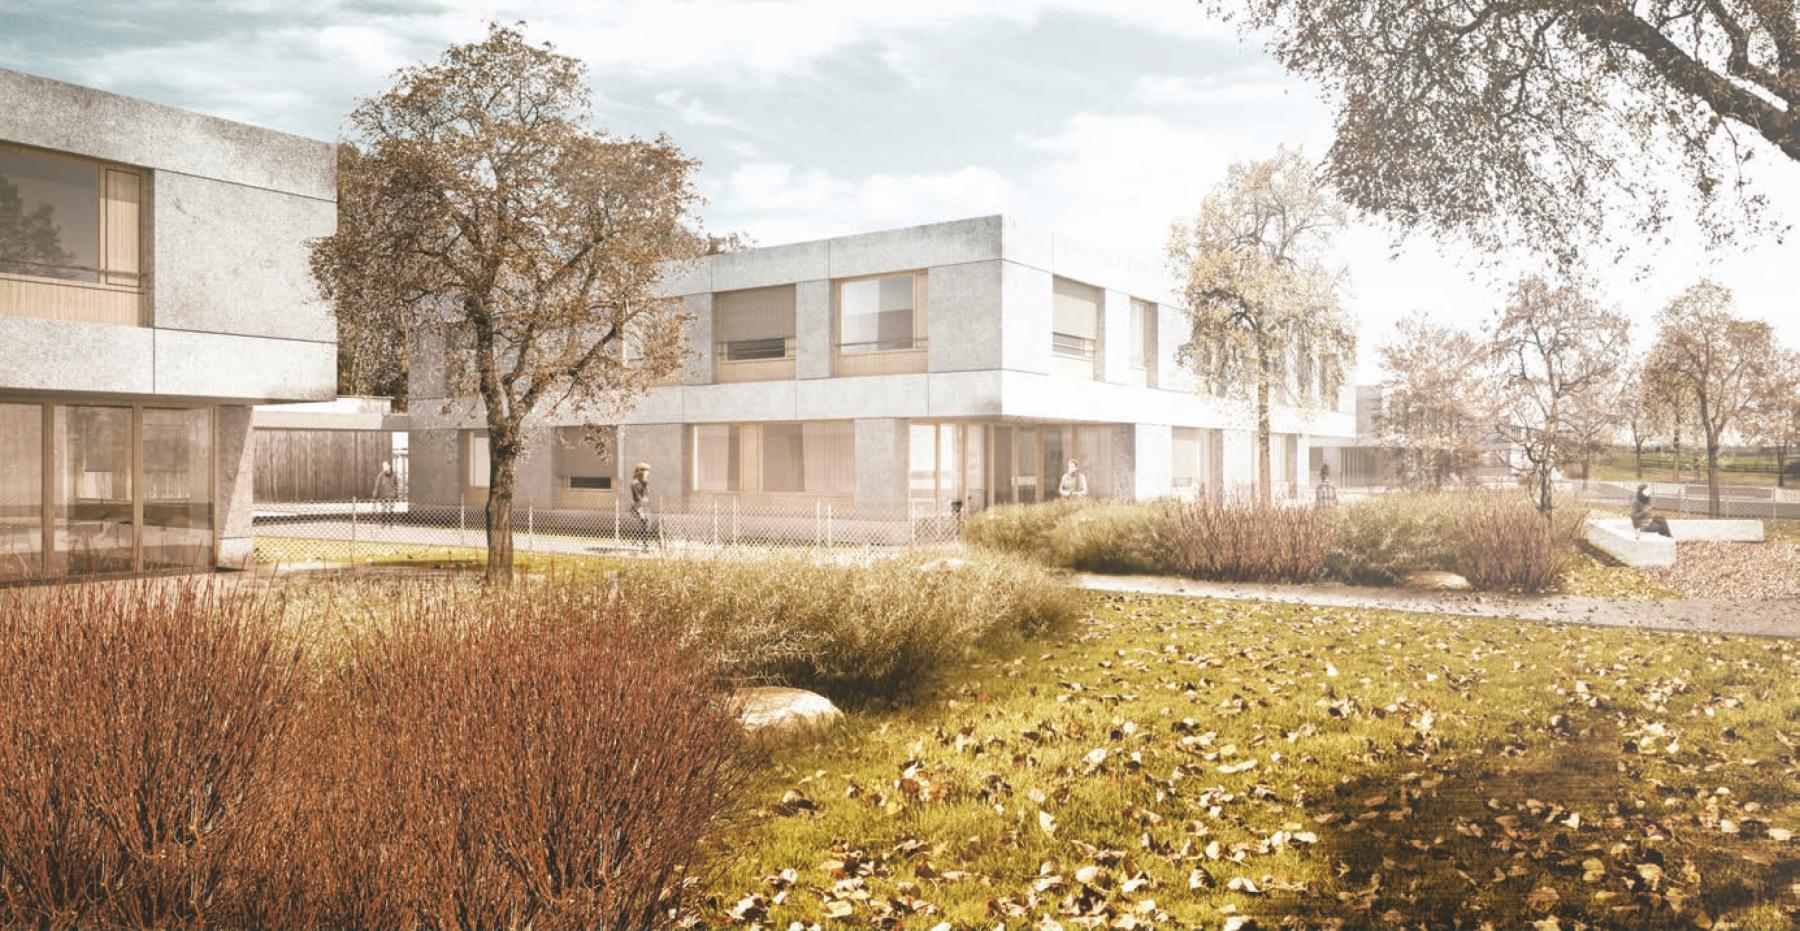 Neubau Wohngruppen Ilgenhalde (Schule, Internat, Therapie), Fehraltorf, Stutz Bolt Partner Architekten, Die drei Räuber